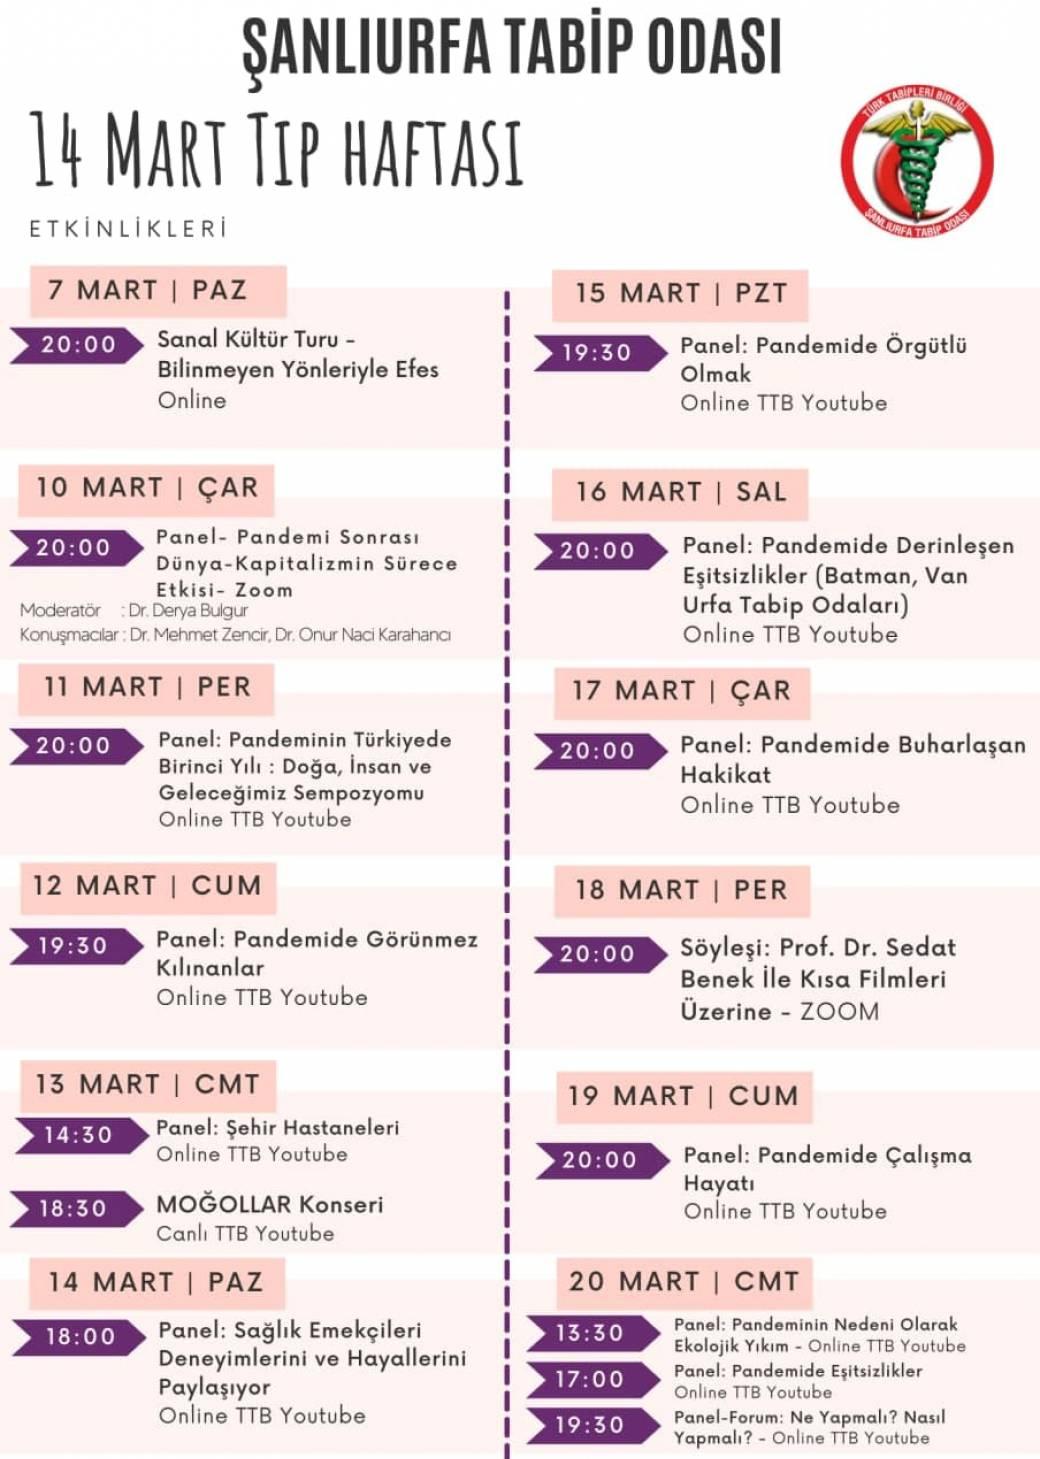 Şanlıurfa Tabip Odası Ve Türk Tabipleri Birliği Merkezi'nin 14 Mart Etkinlikler Programı;